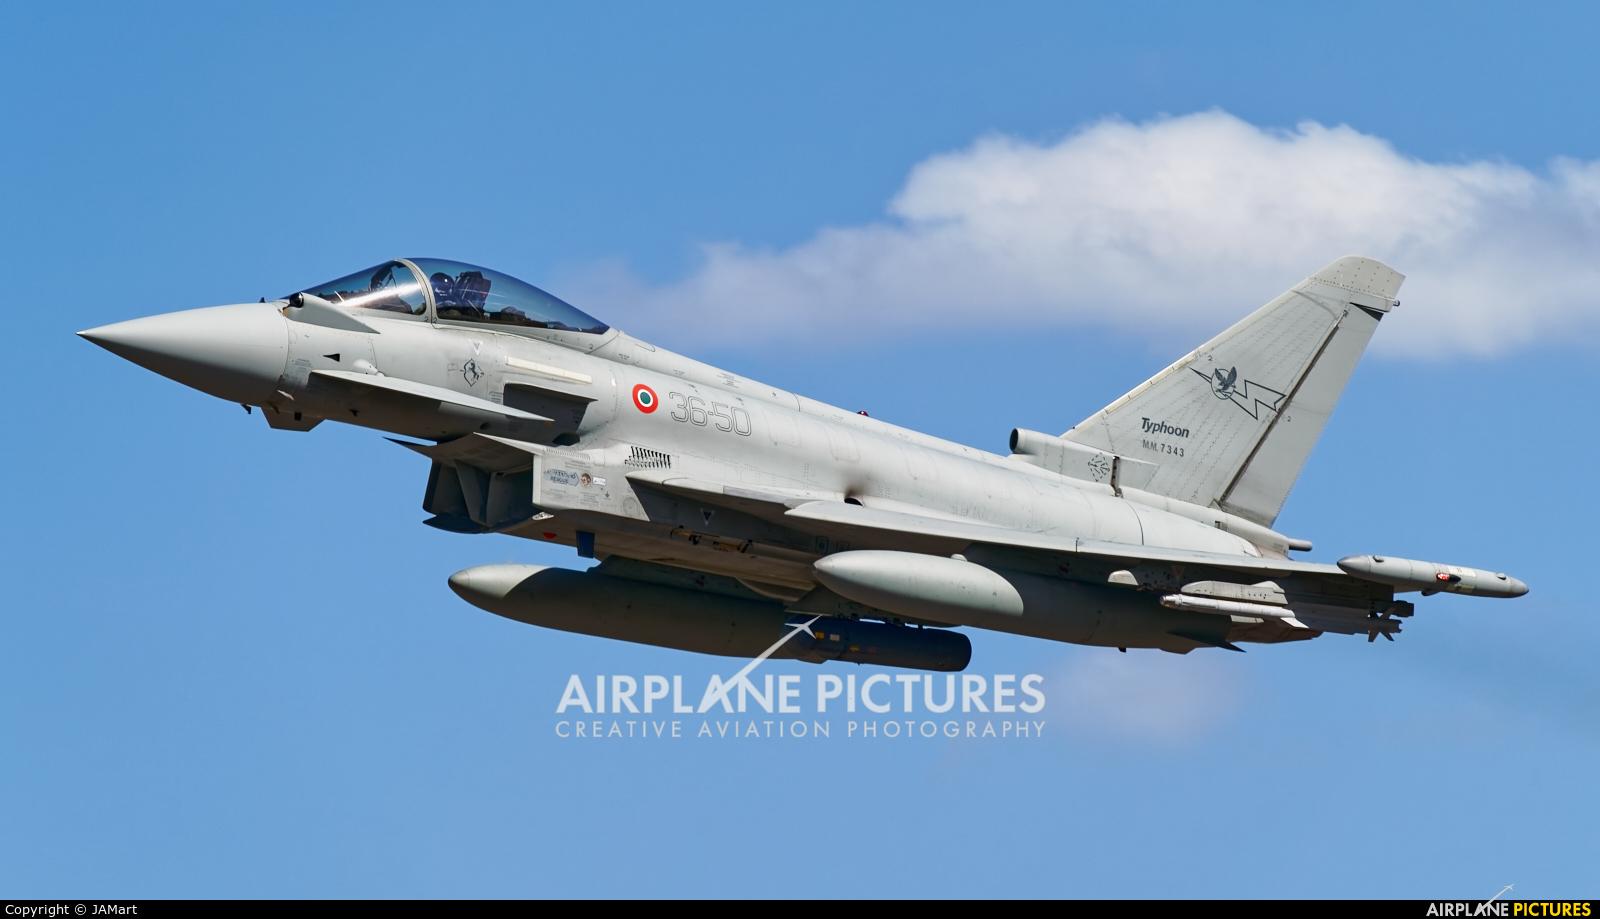 Italy - Air Force MM7343 aircraft at Beja AB